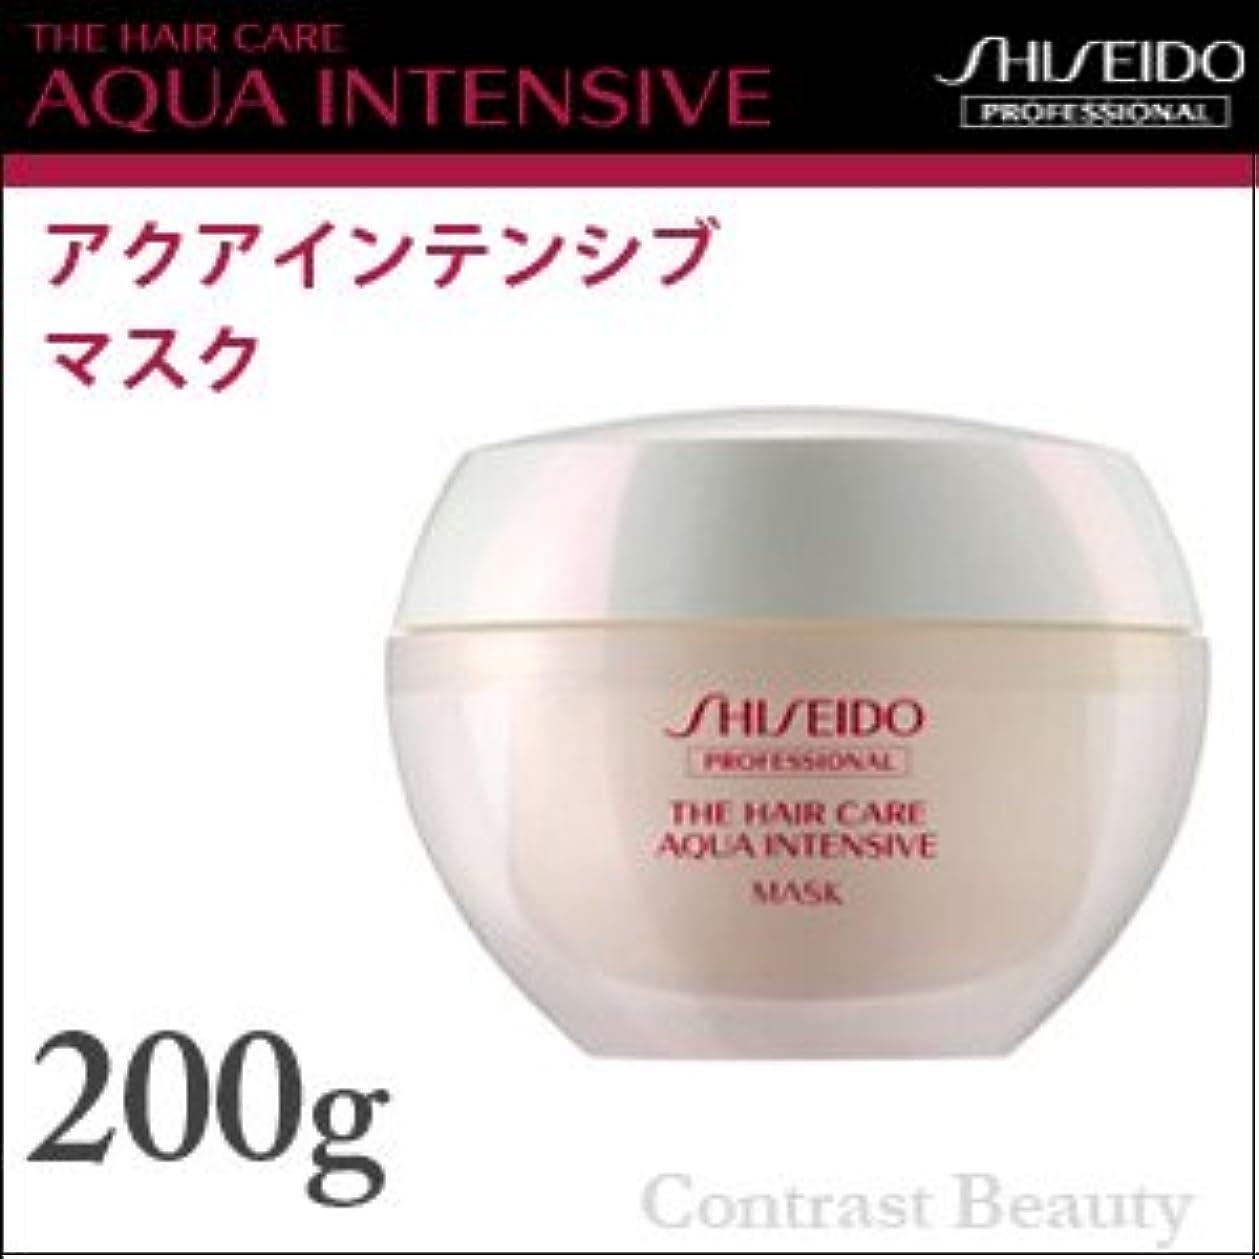 くま深さアンティーク【x5個セット】 資生堂プロフェッショナル アクアインテンシブ マスク 200g